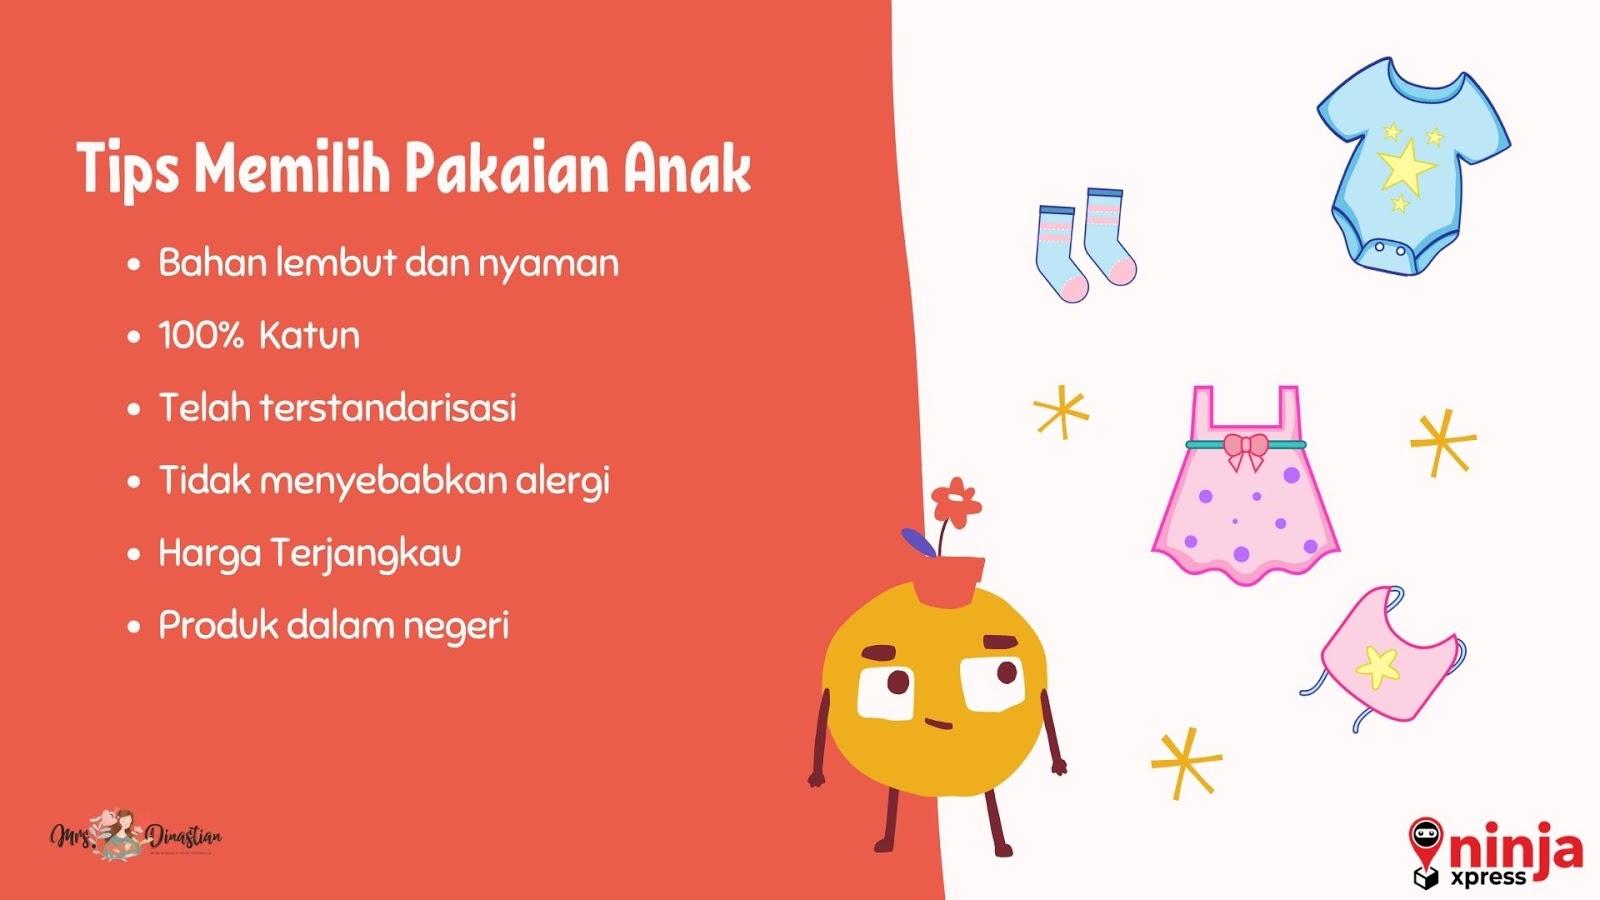 Tips Memilih Pakaian Anak